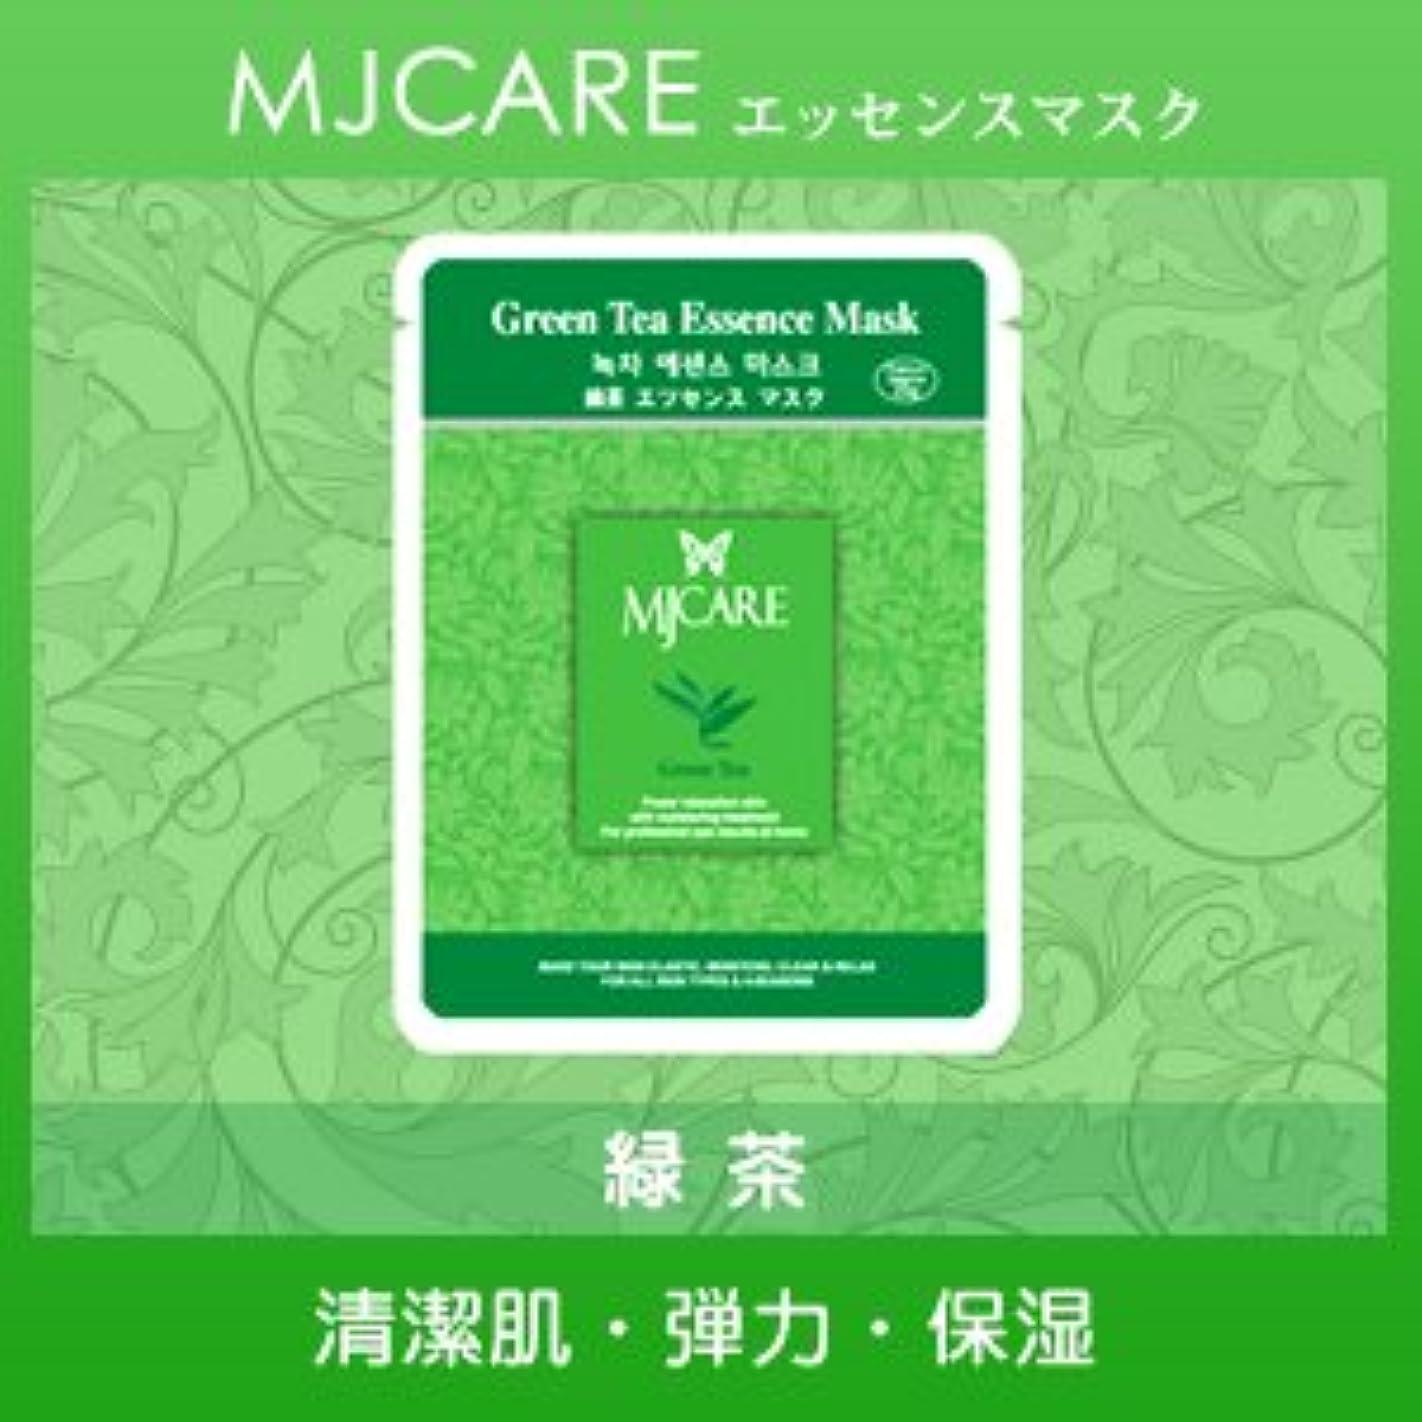 フェミニン額傾向があるMJCARE (エムジェイケア) 緑茶 エッセンスマスク